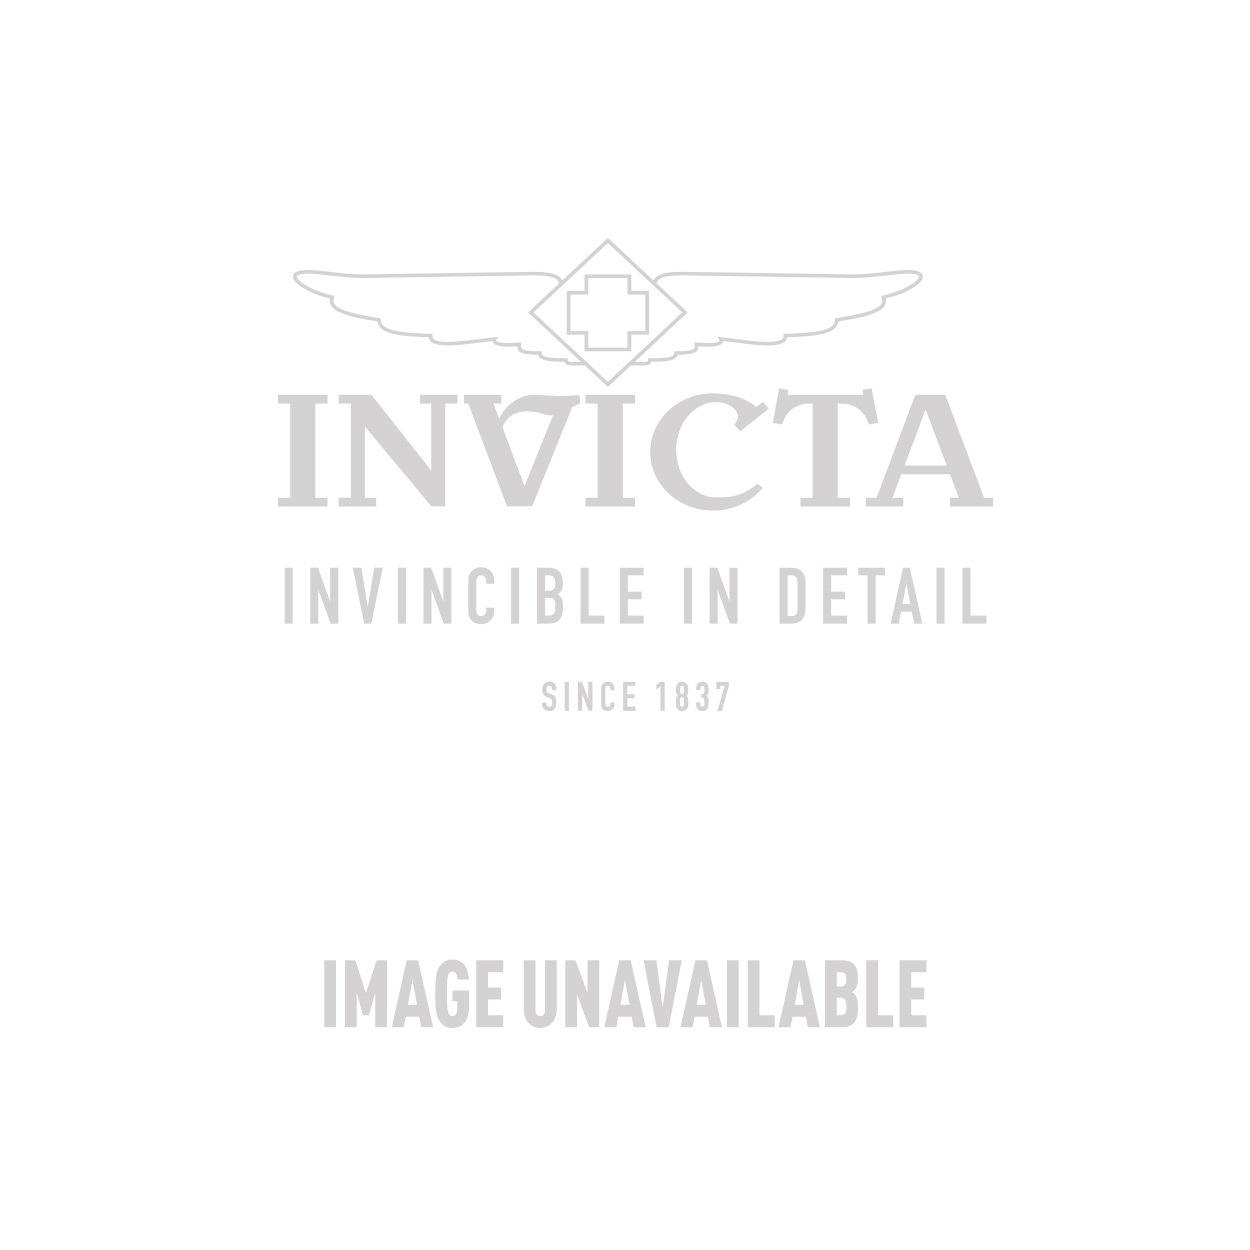 Invicta Model 29864